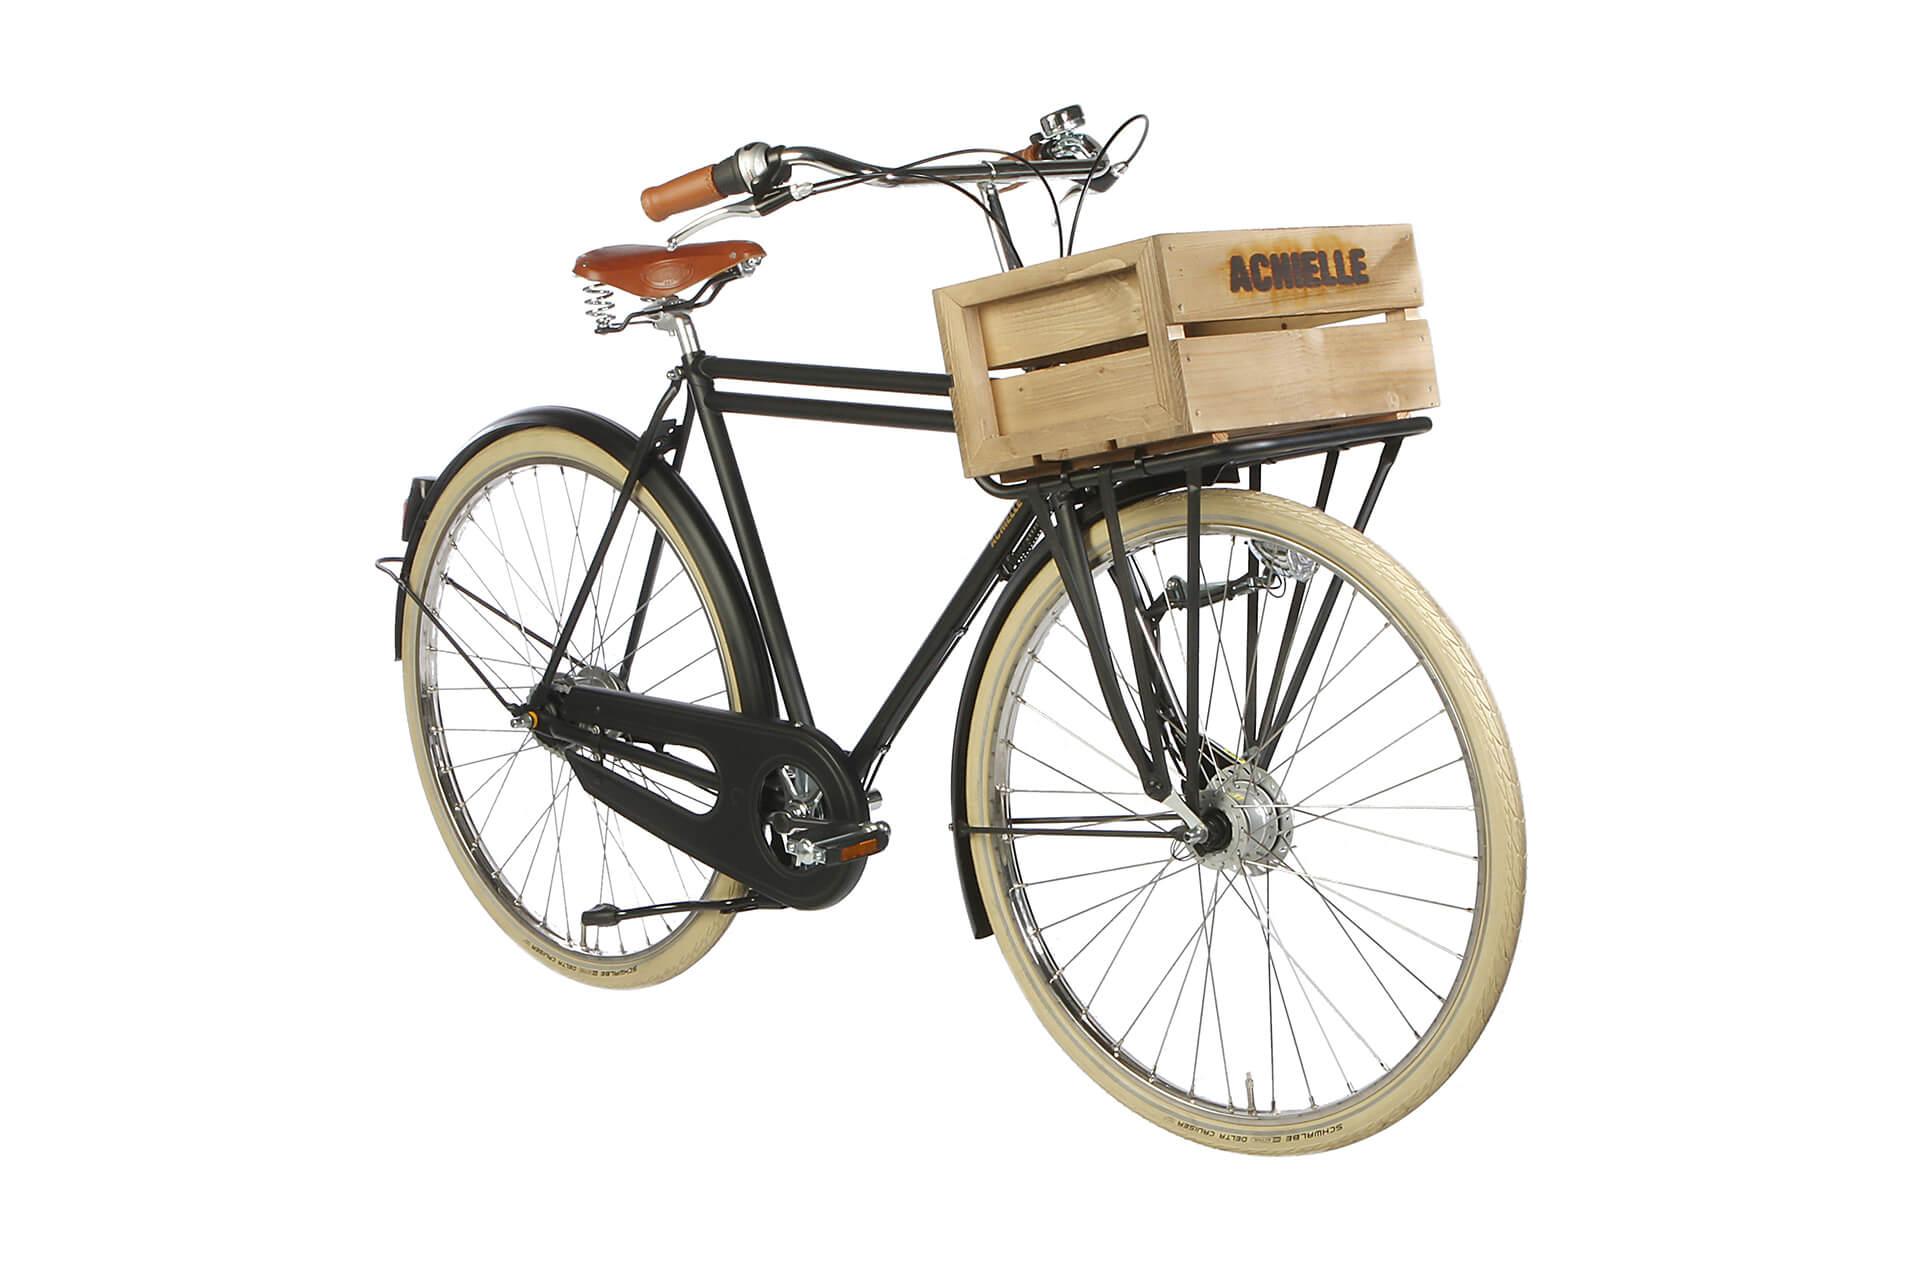 achielle chraighton pick up transportfiets Fietsen Jurgen